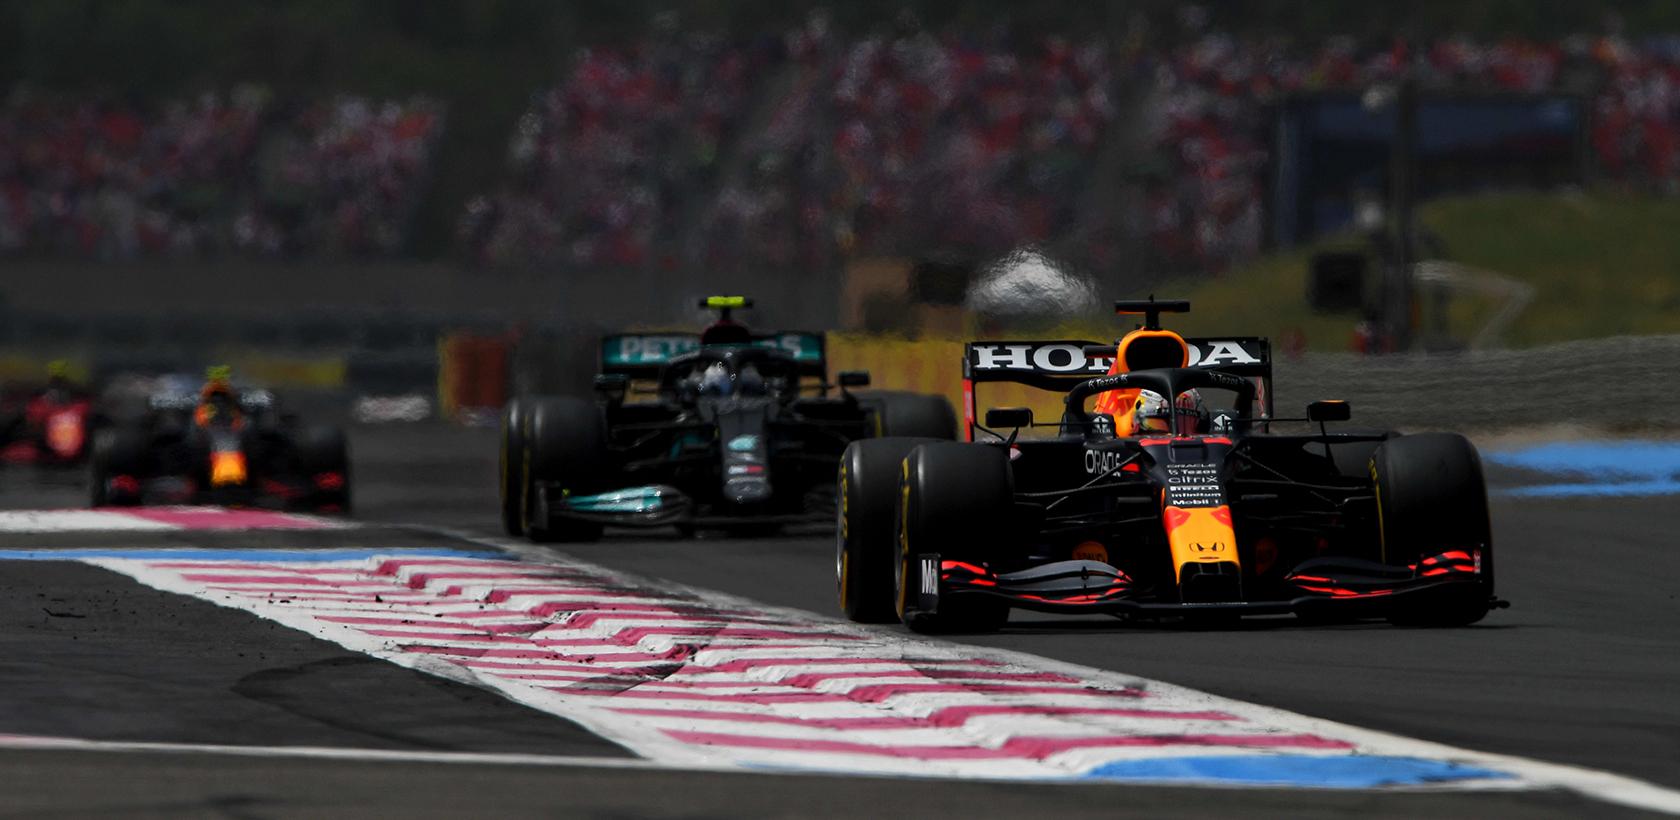 Victoire au Grand Prix F1 de France